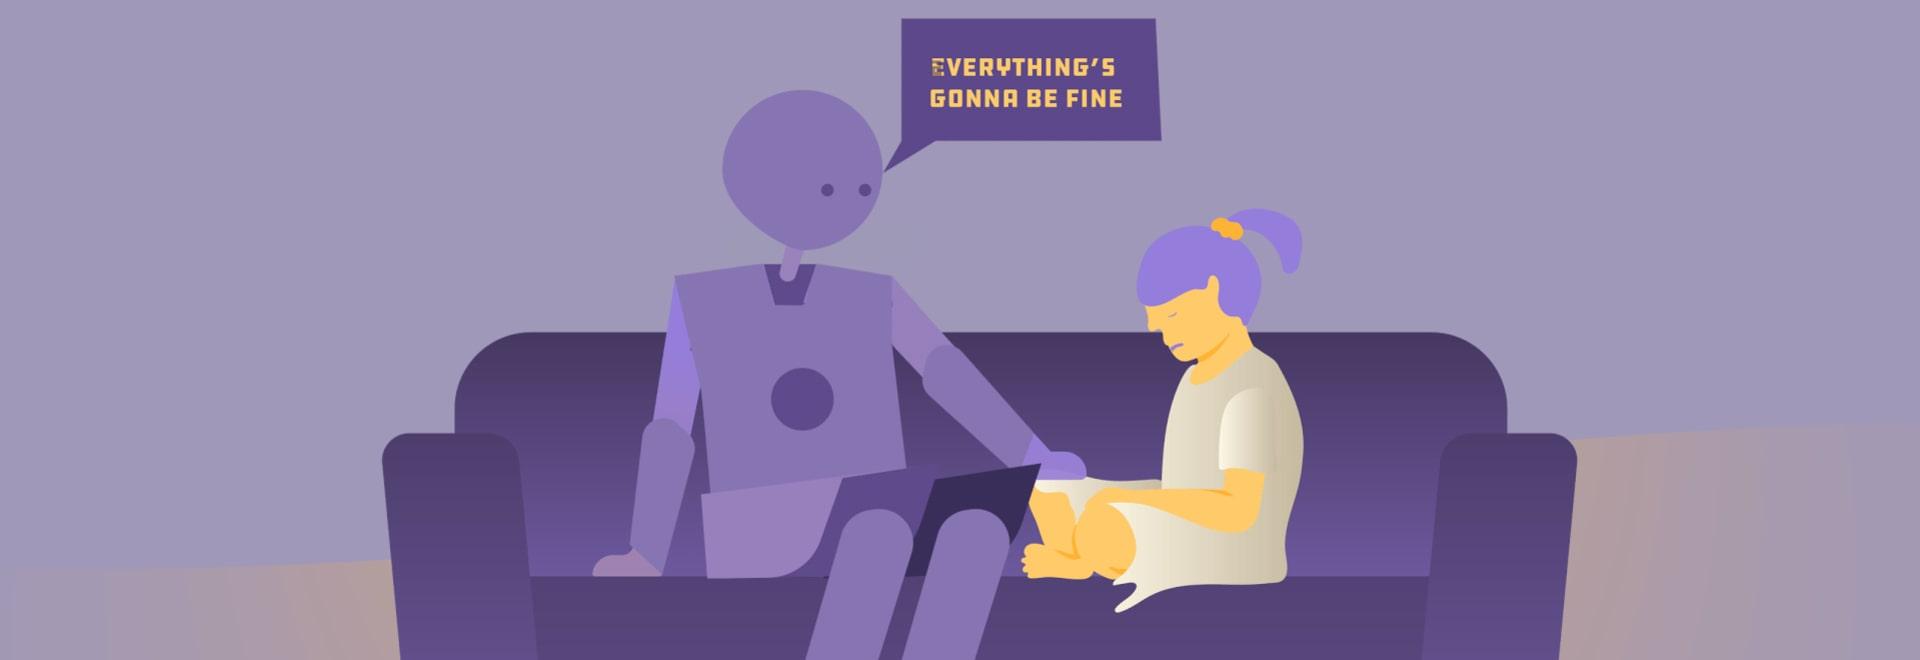 De las cirugías a la compañía: El lugar de los robots en el cuidado de la salud